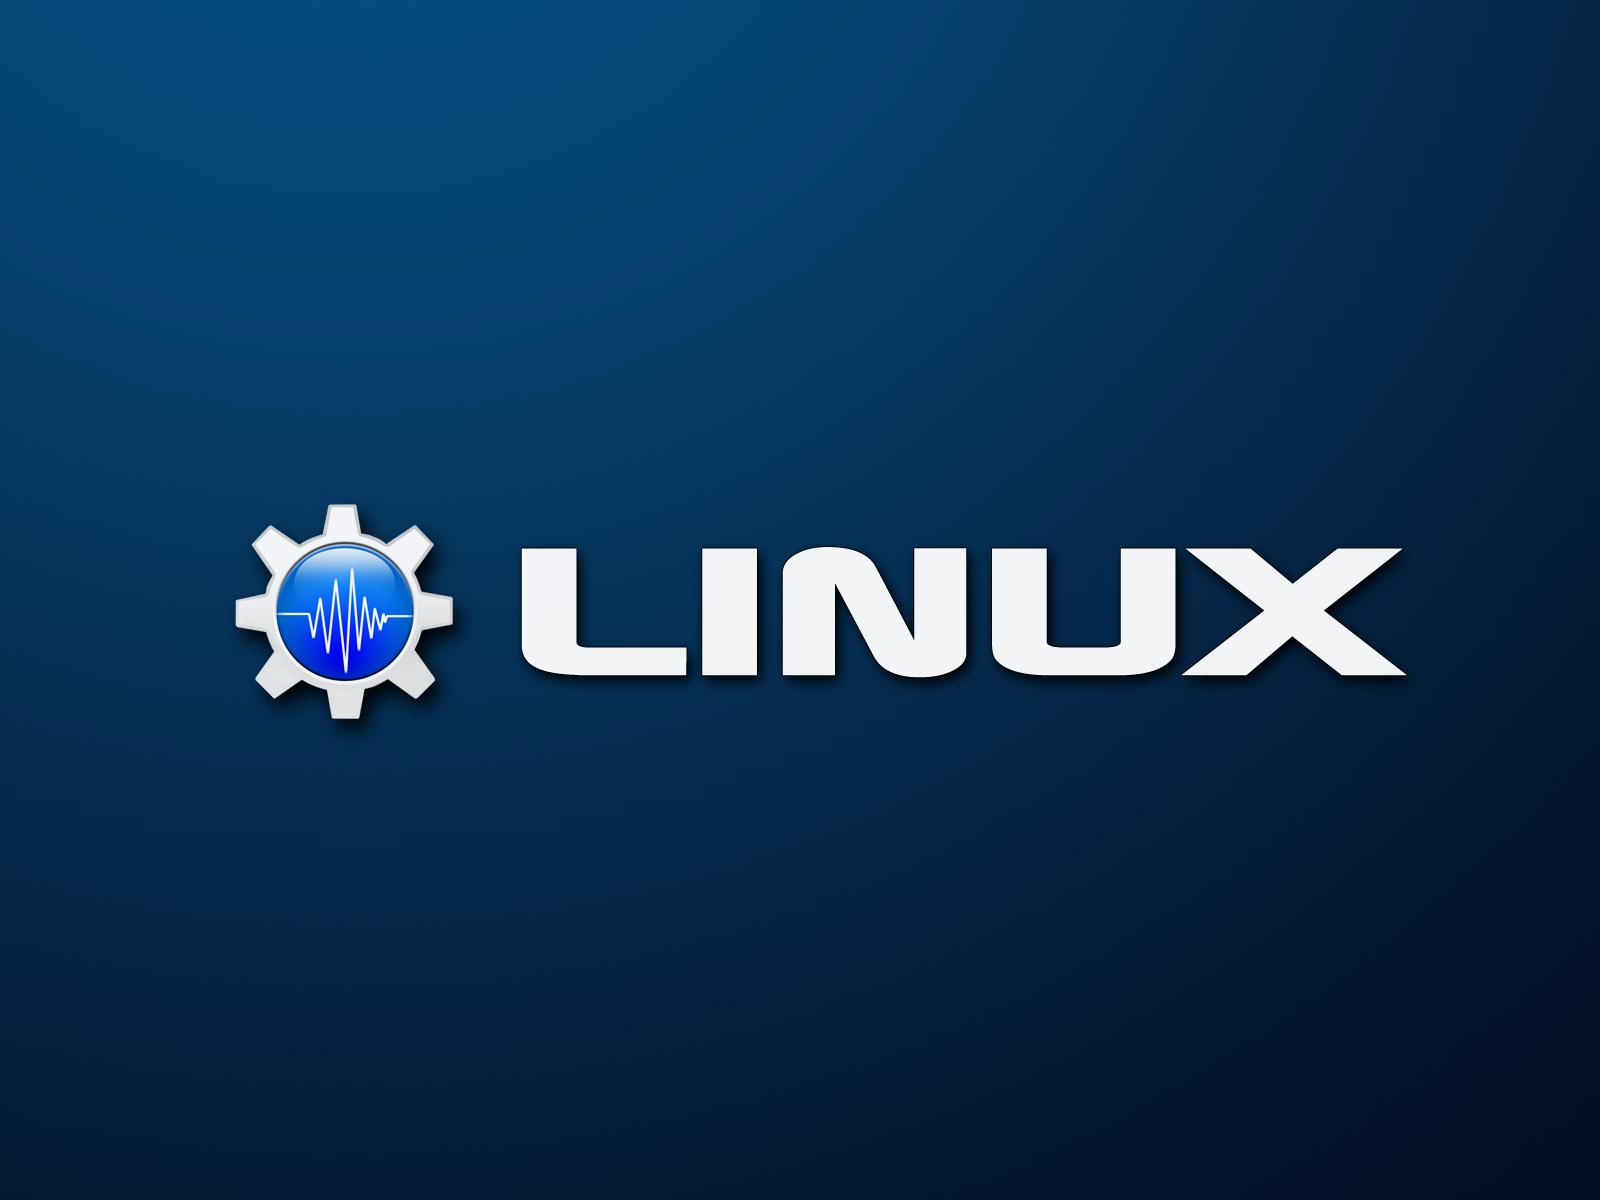 一套Linux硬核资源,限时白嫖,随时删除